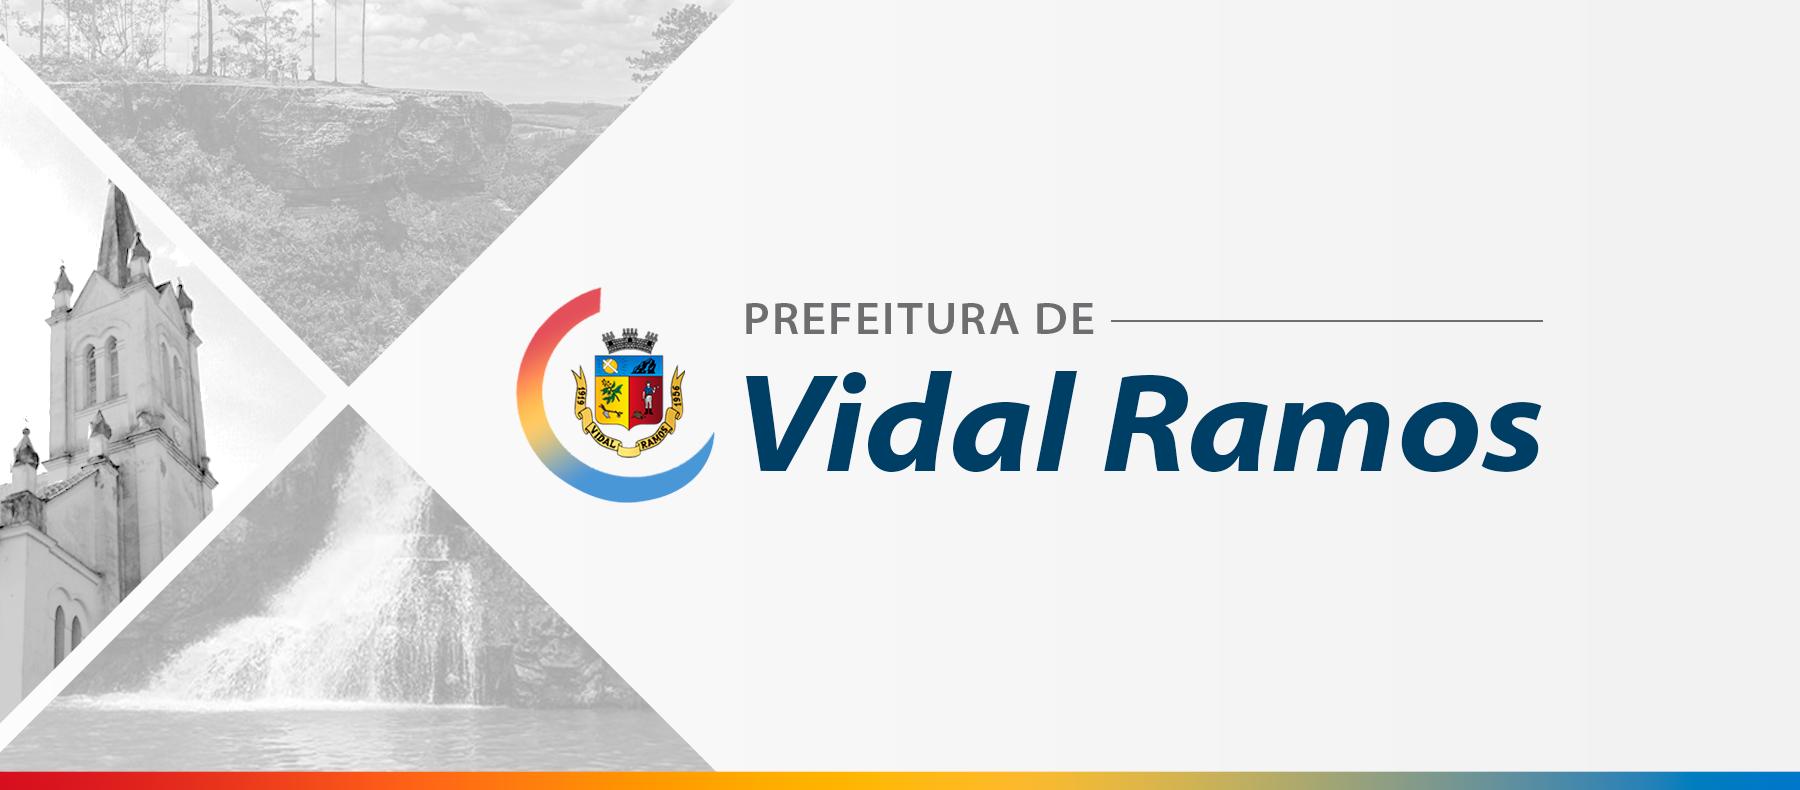 Administração de Vidal Ramos mantém cronograma de obras até o final do ano